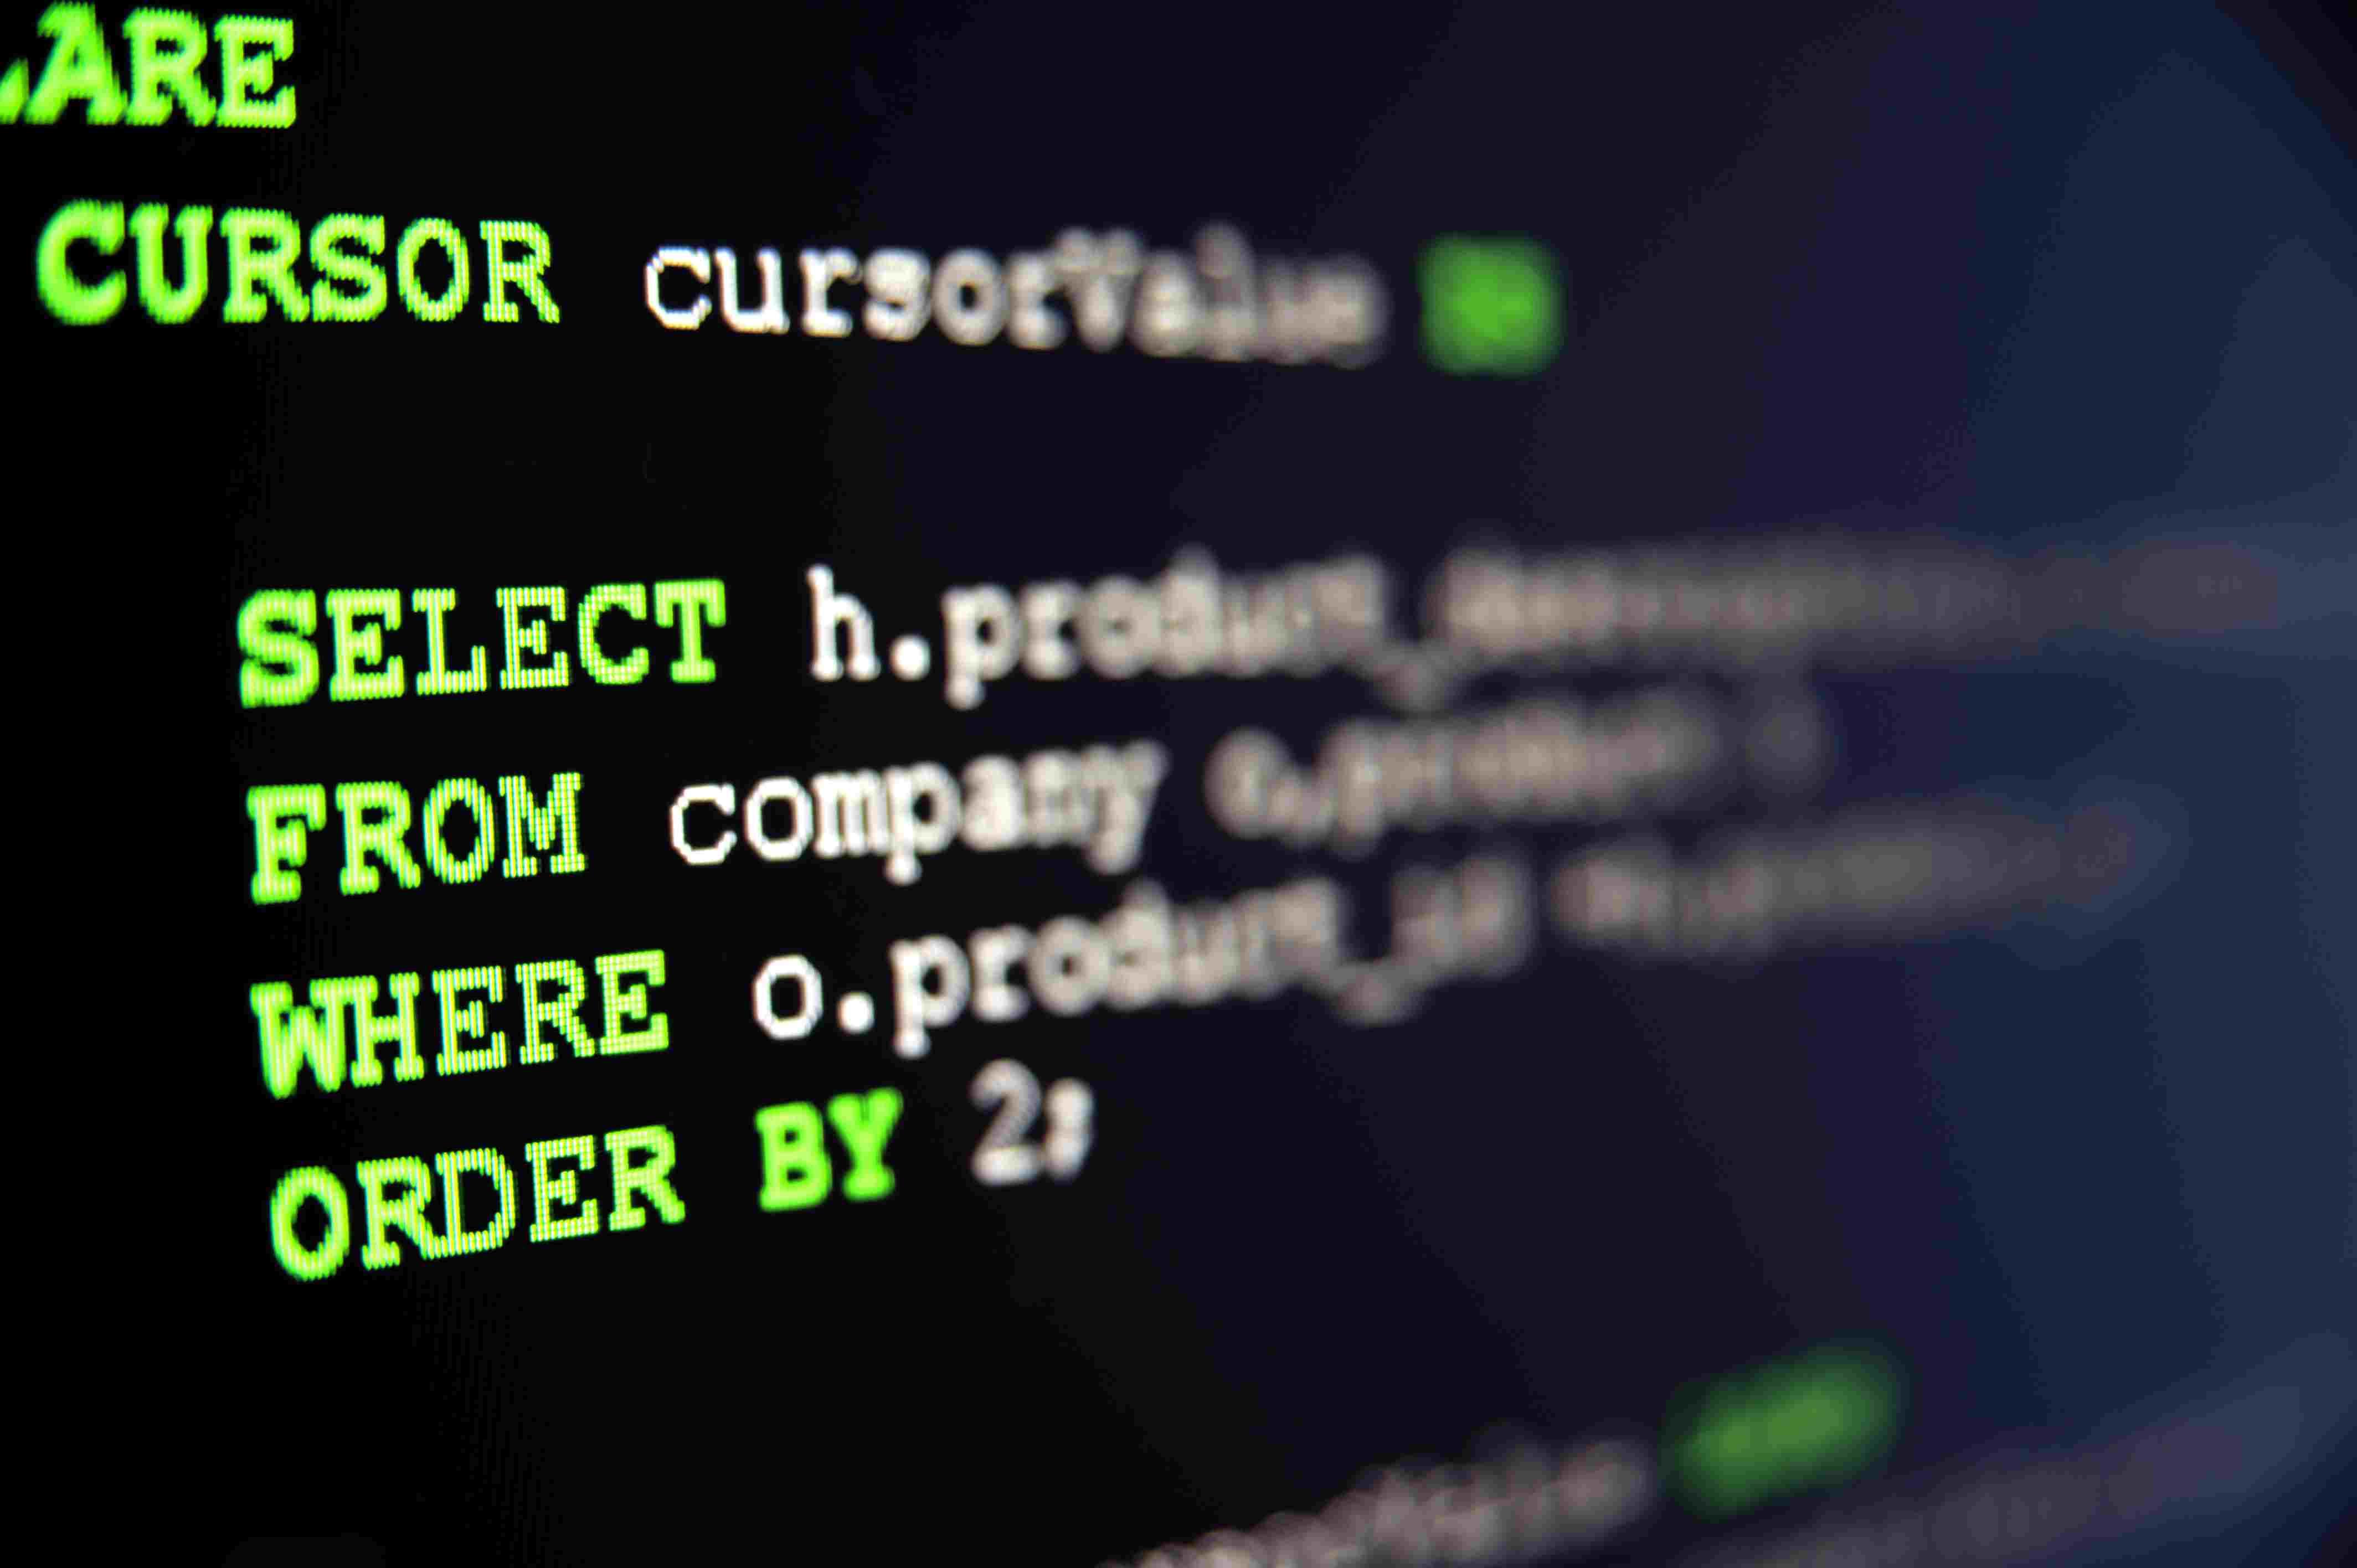 SQL code on black background